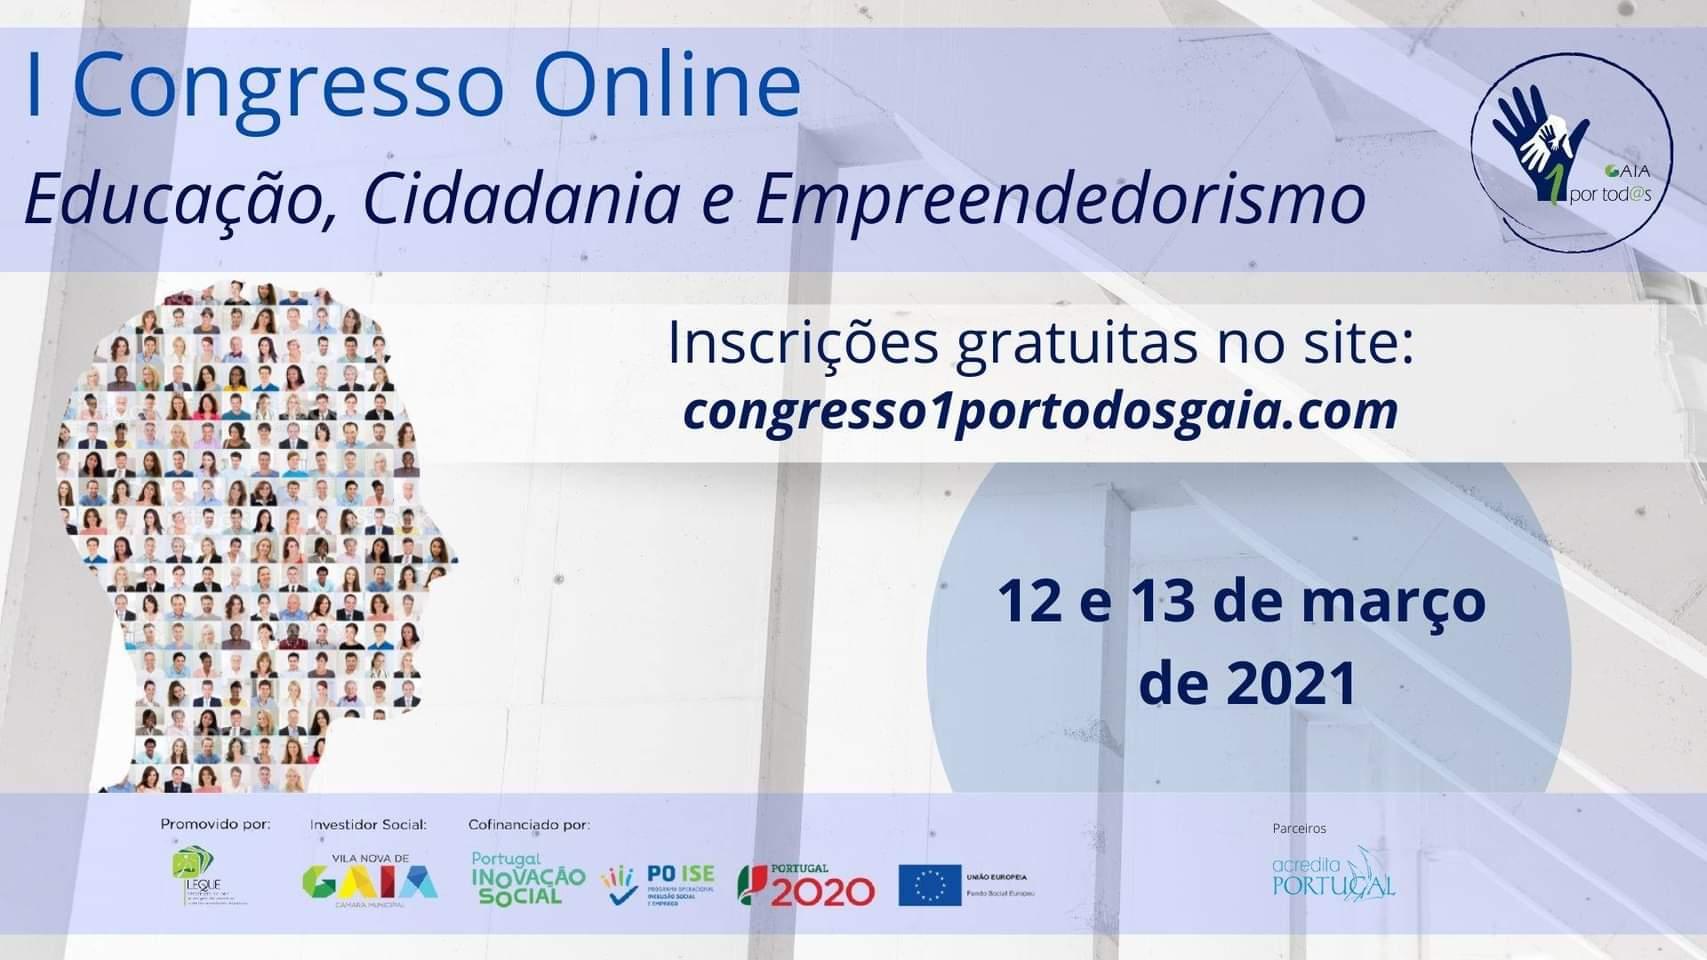 I Congresso de Educação, Cidadania e Empreendedorismo